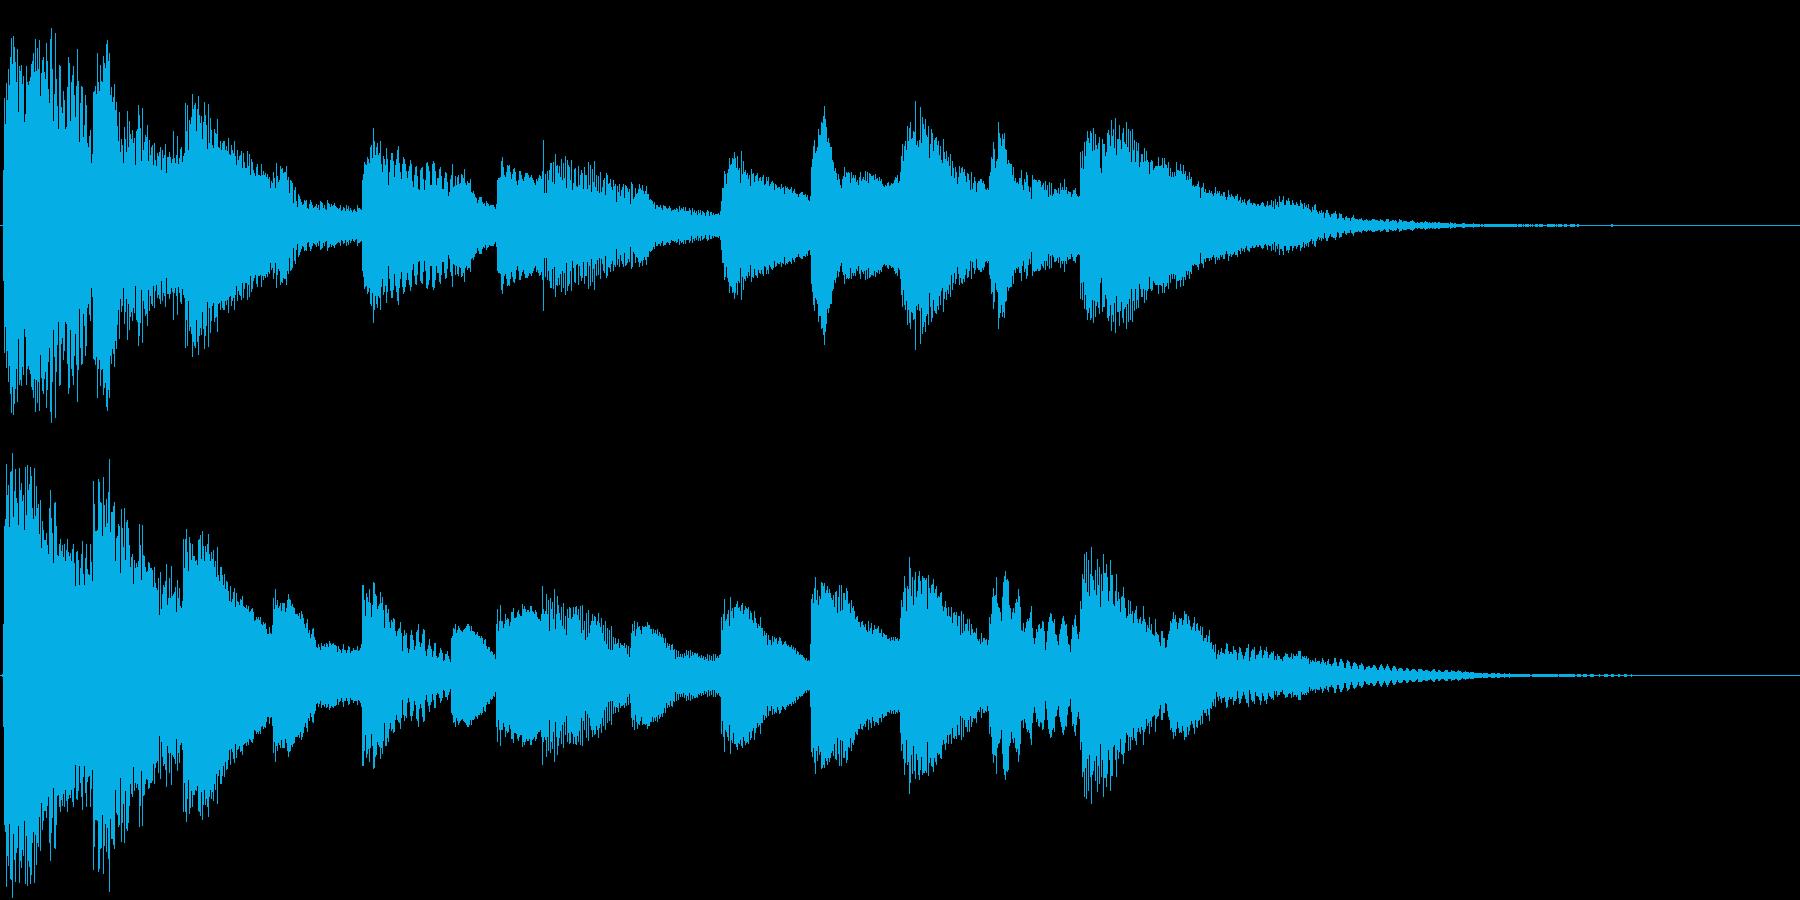 しっとり切ないピアノソロジングルの再生済みの波形